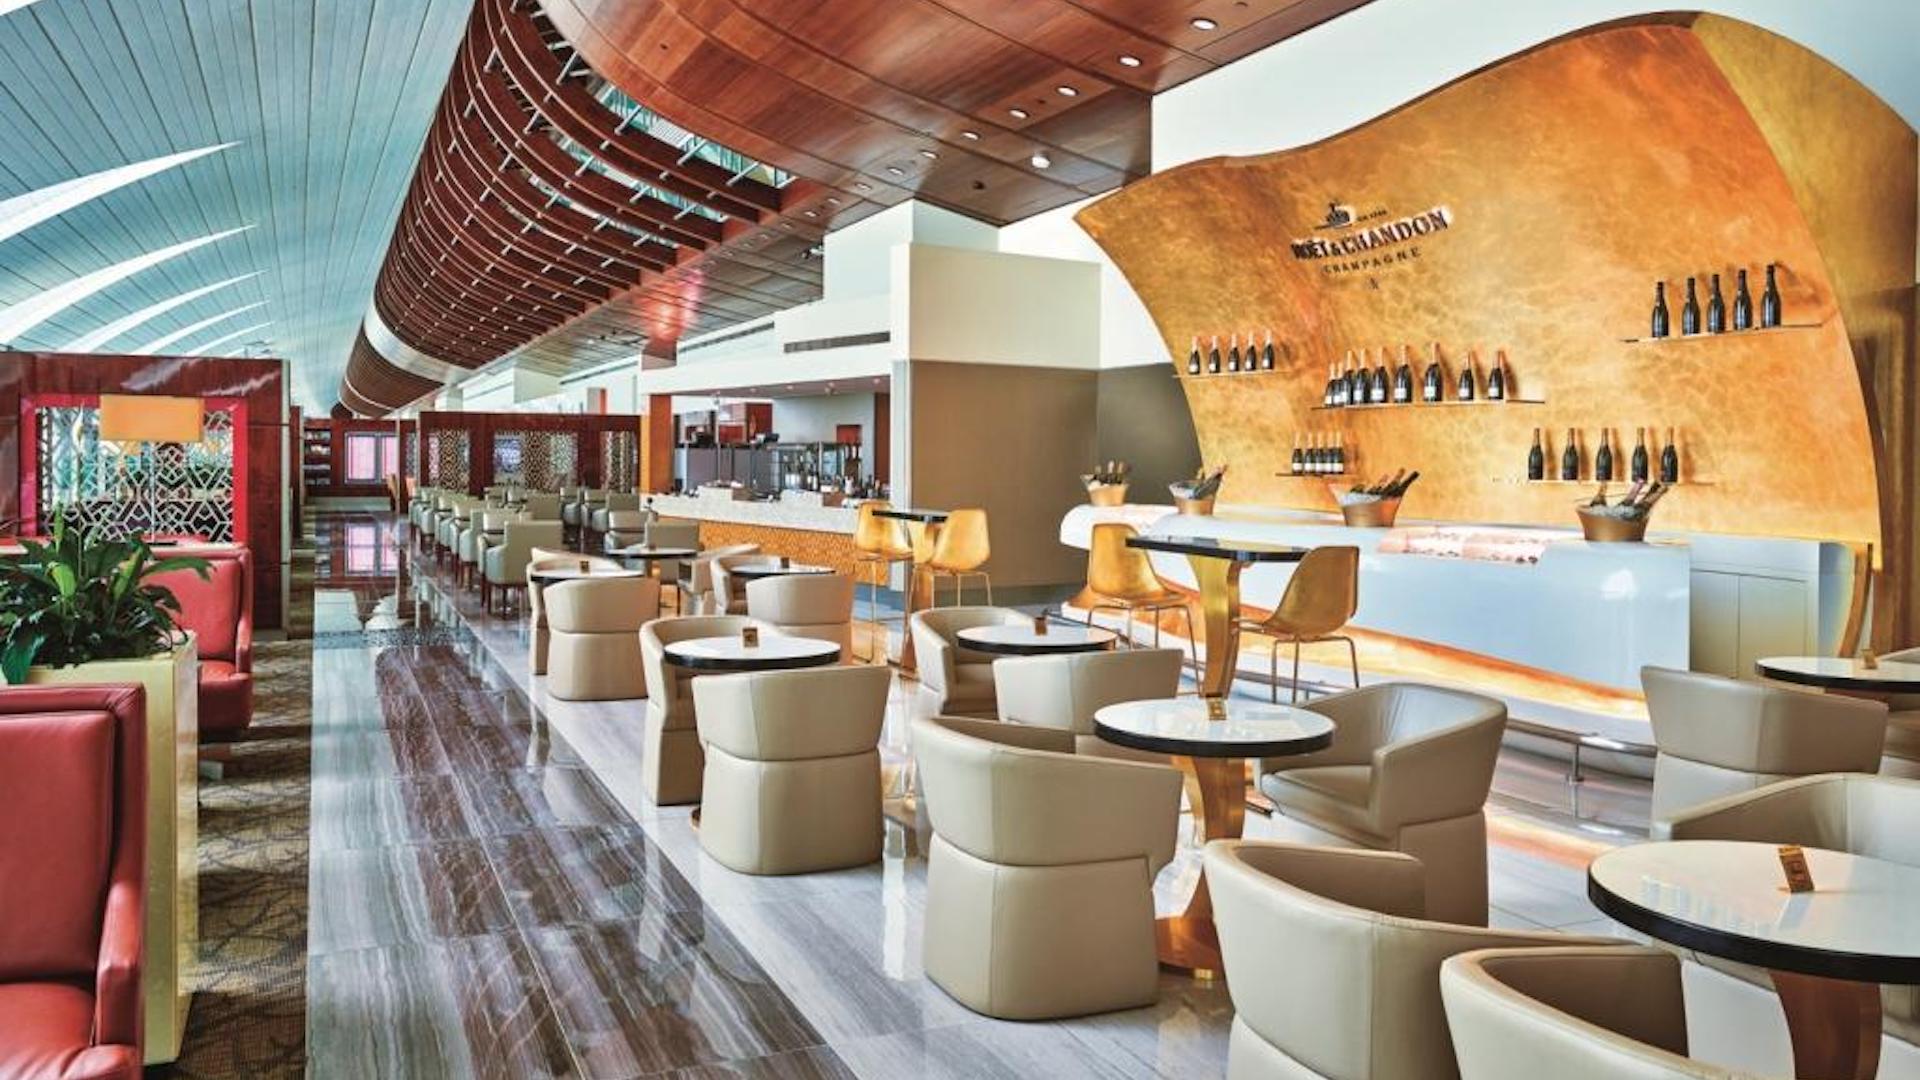 Emirates inauguró la remodelación de su Business Class Lounge en el aeropuerto de Dubái